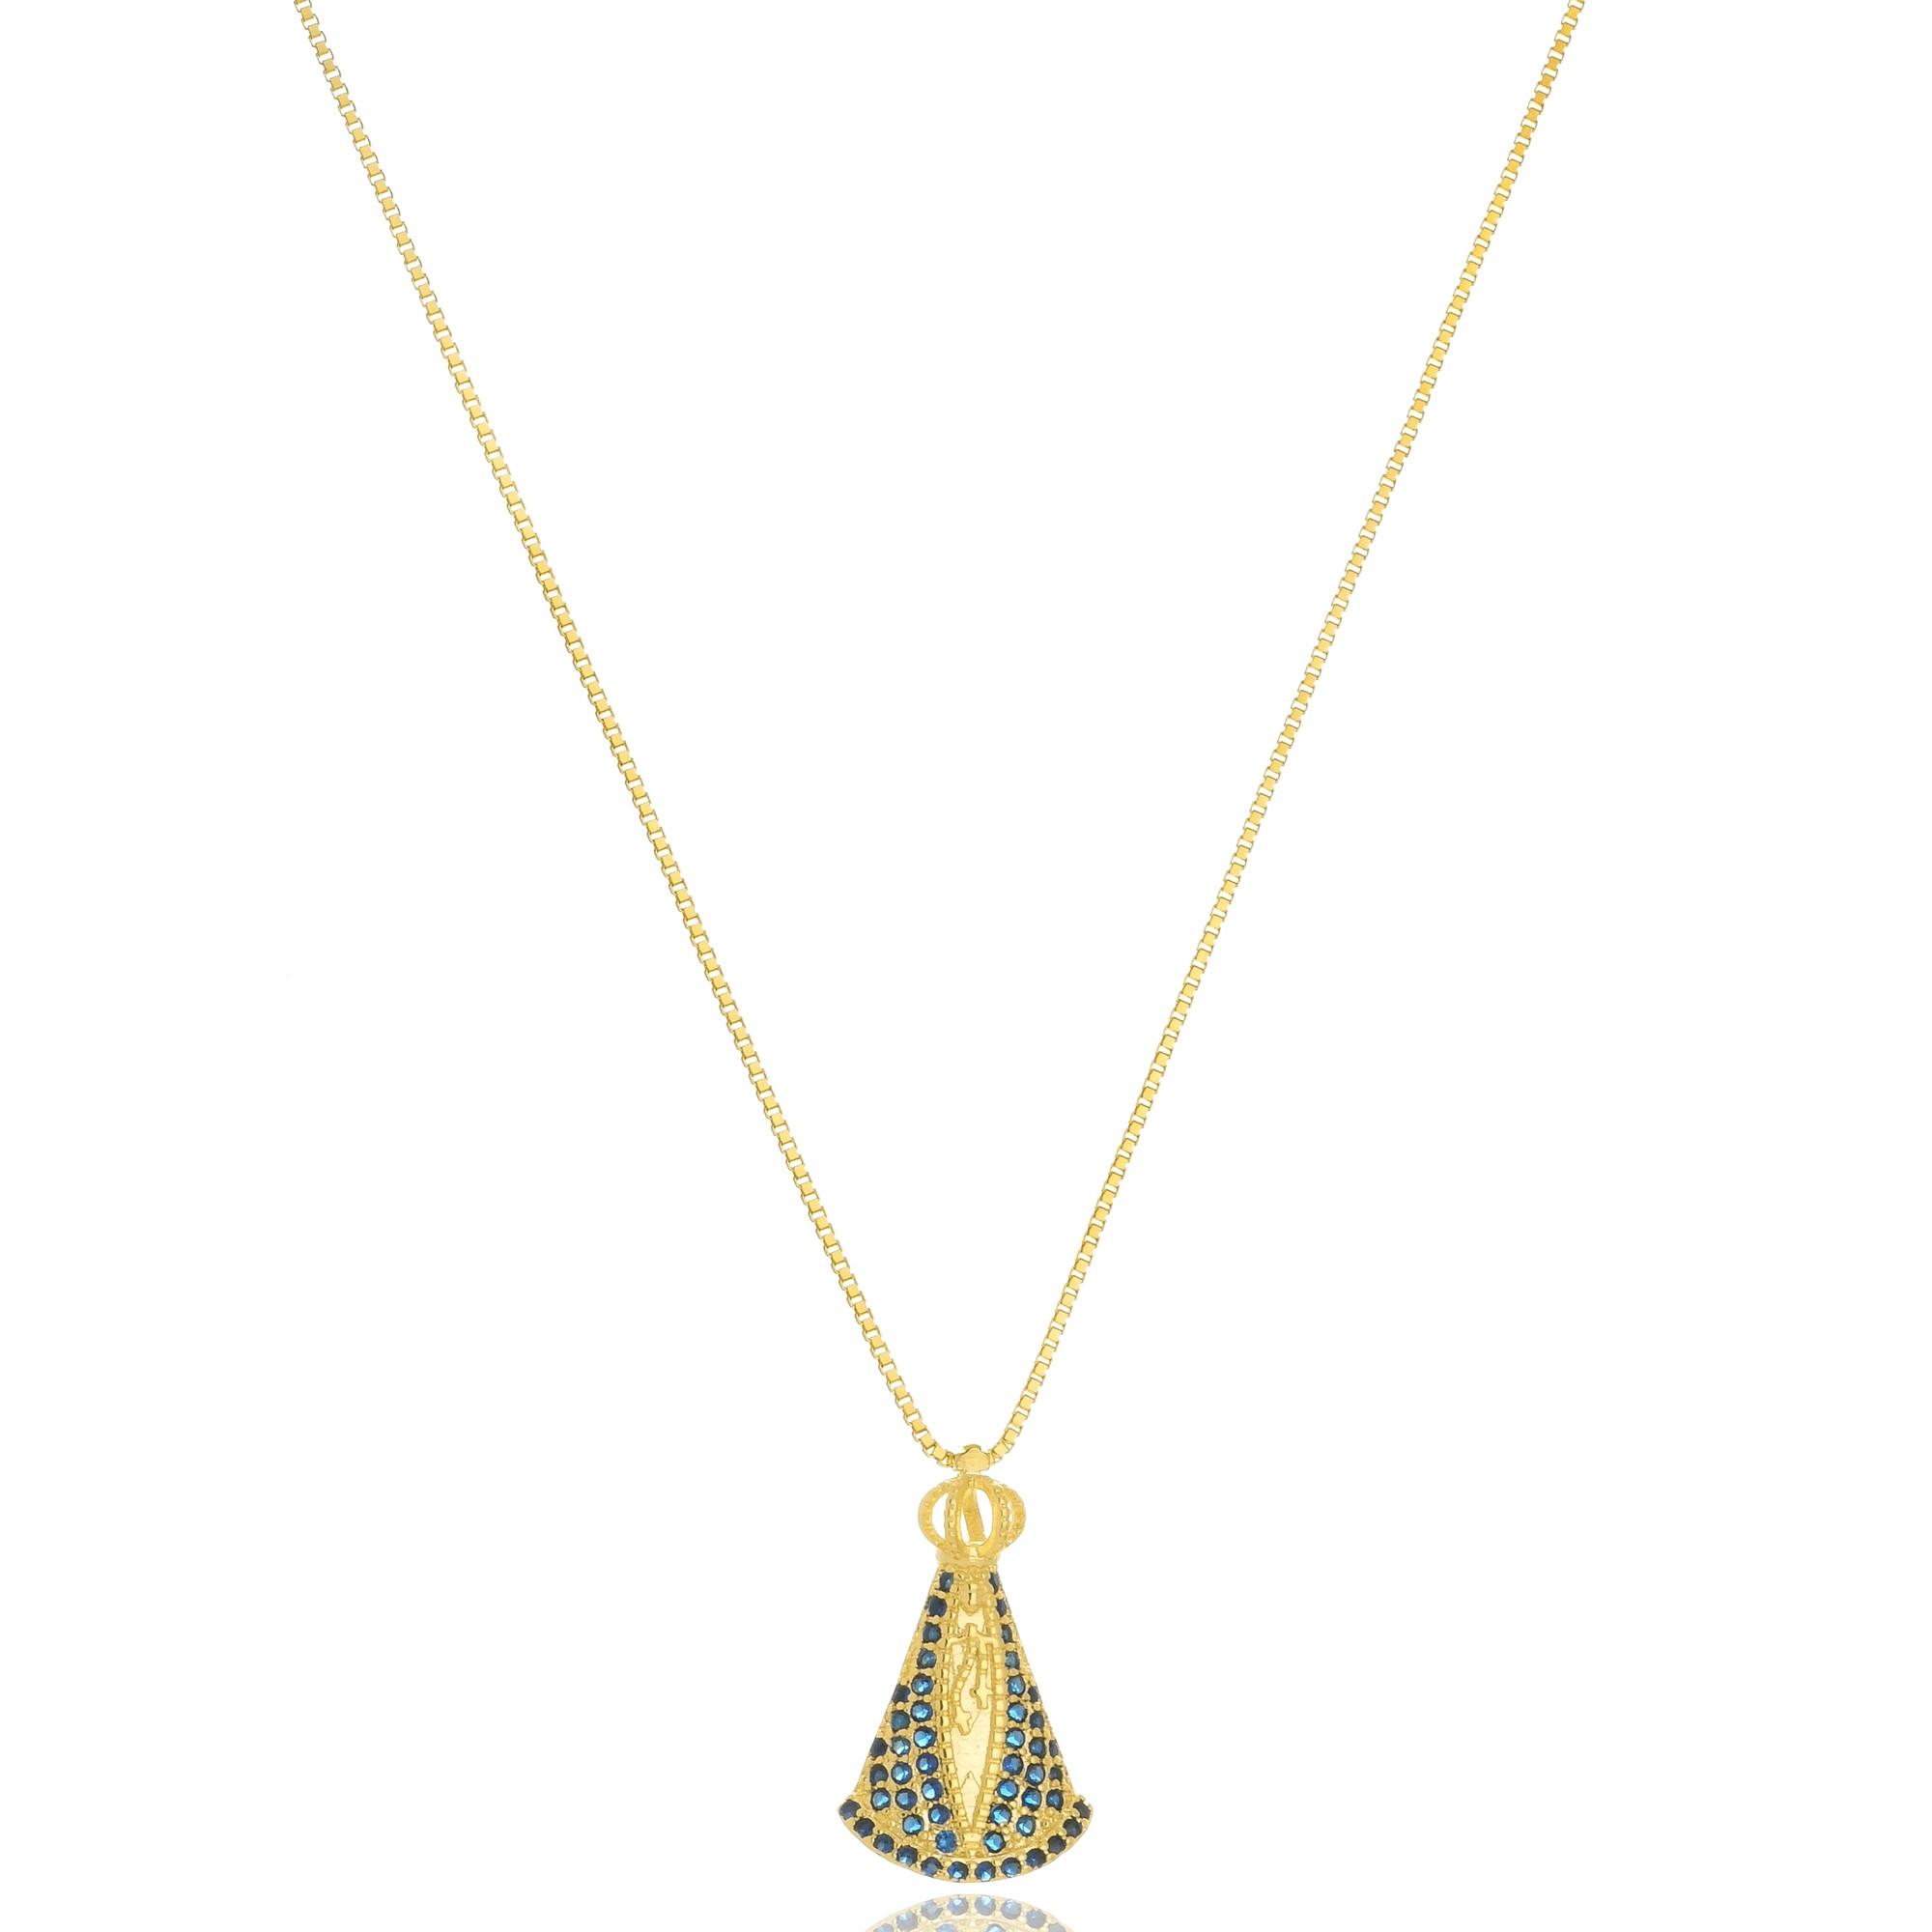 Colar Nossa Senhora Aparecida com zircônias azuis folheado a ouro 18K